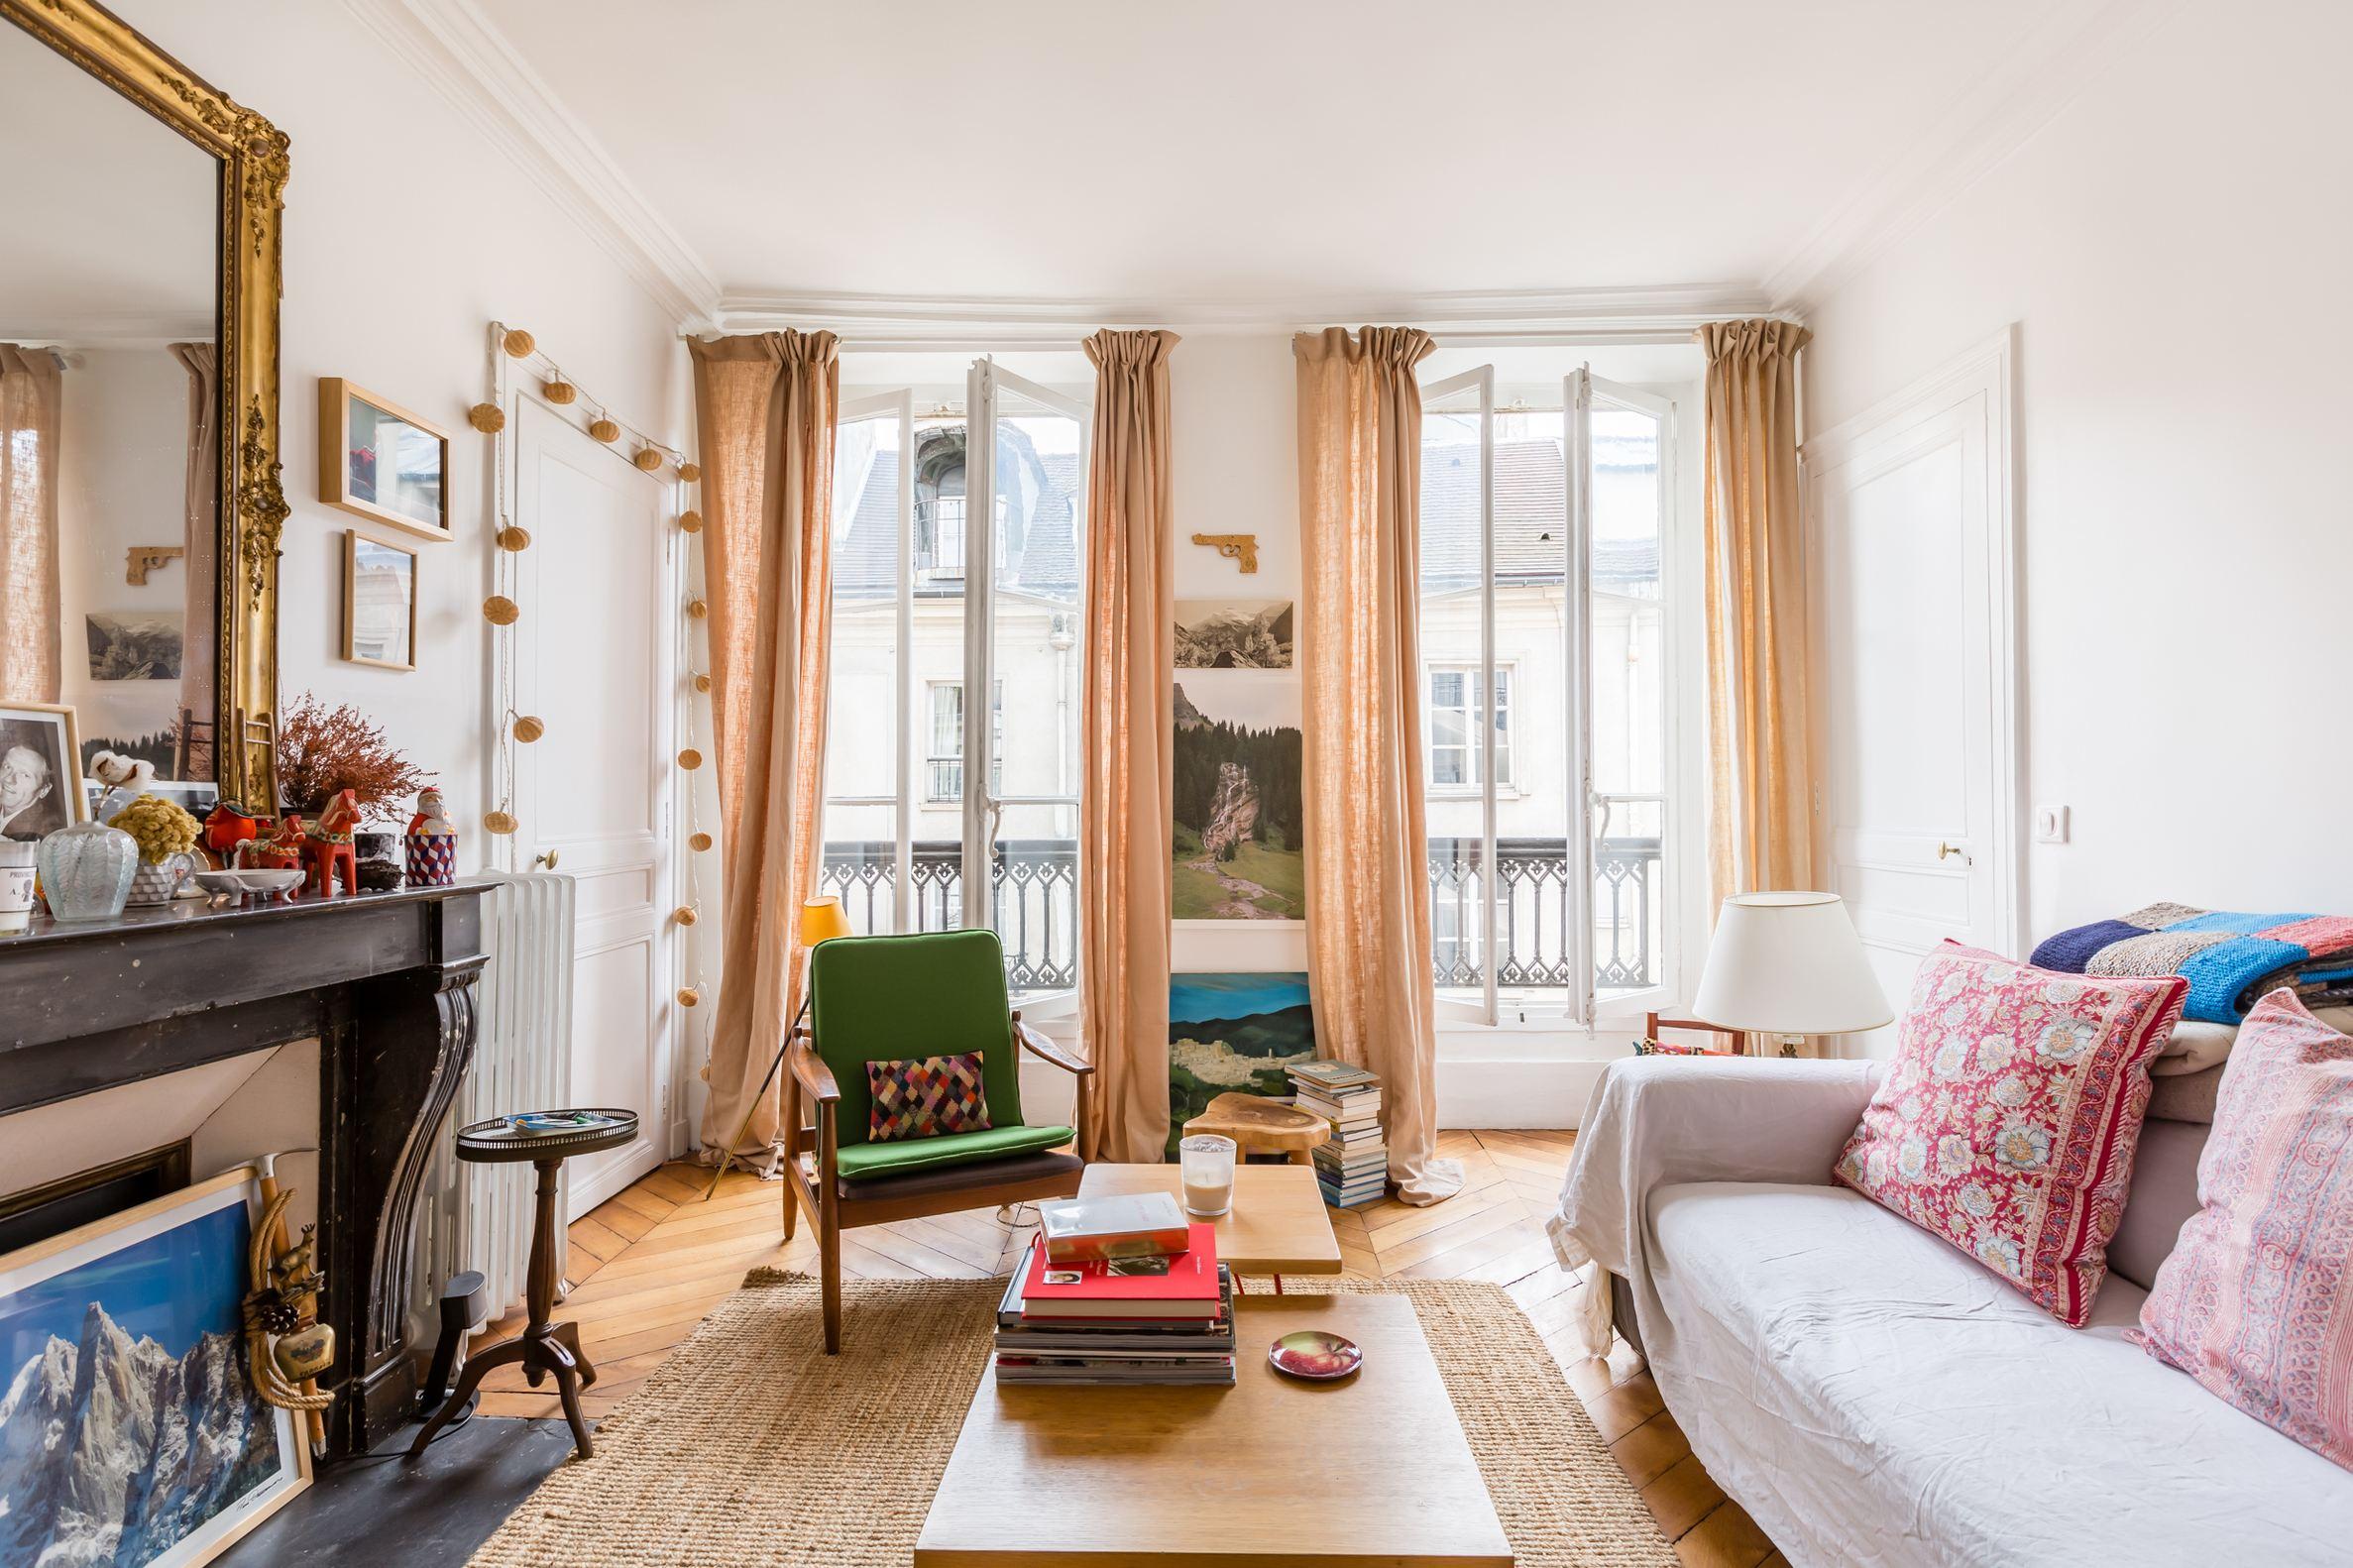 sales property at Sole agent - Saint-Germain-des-Pres